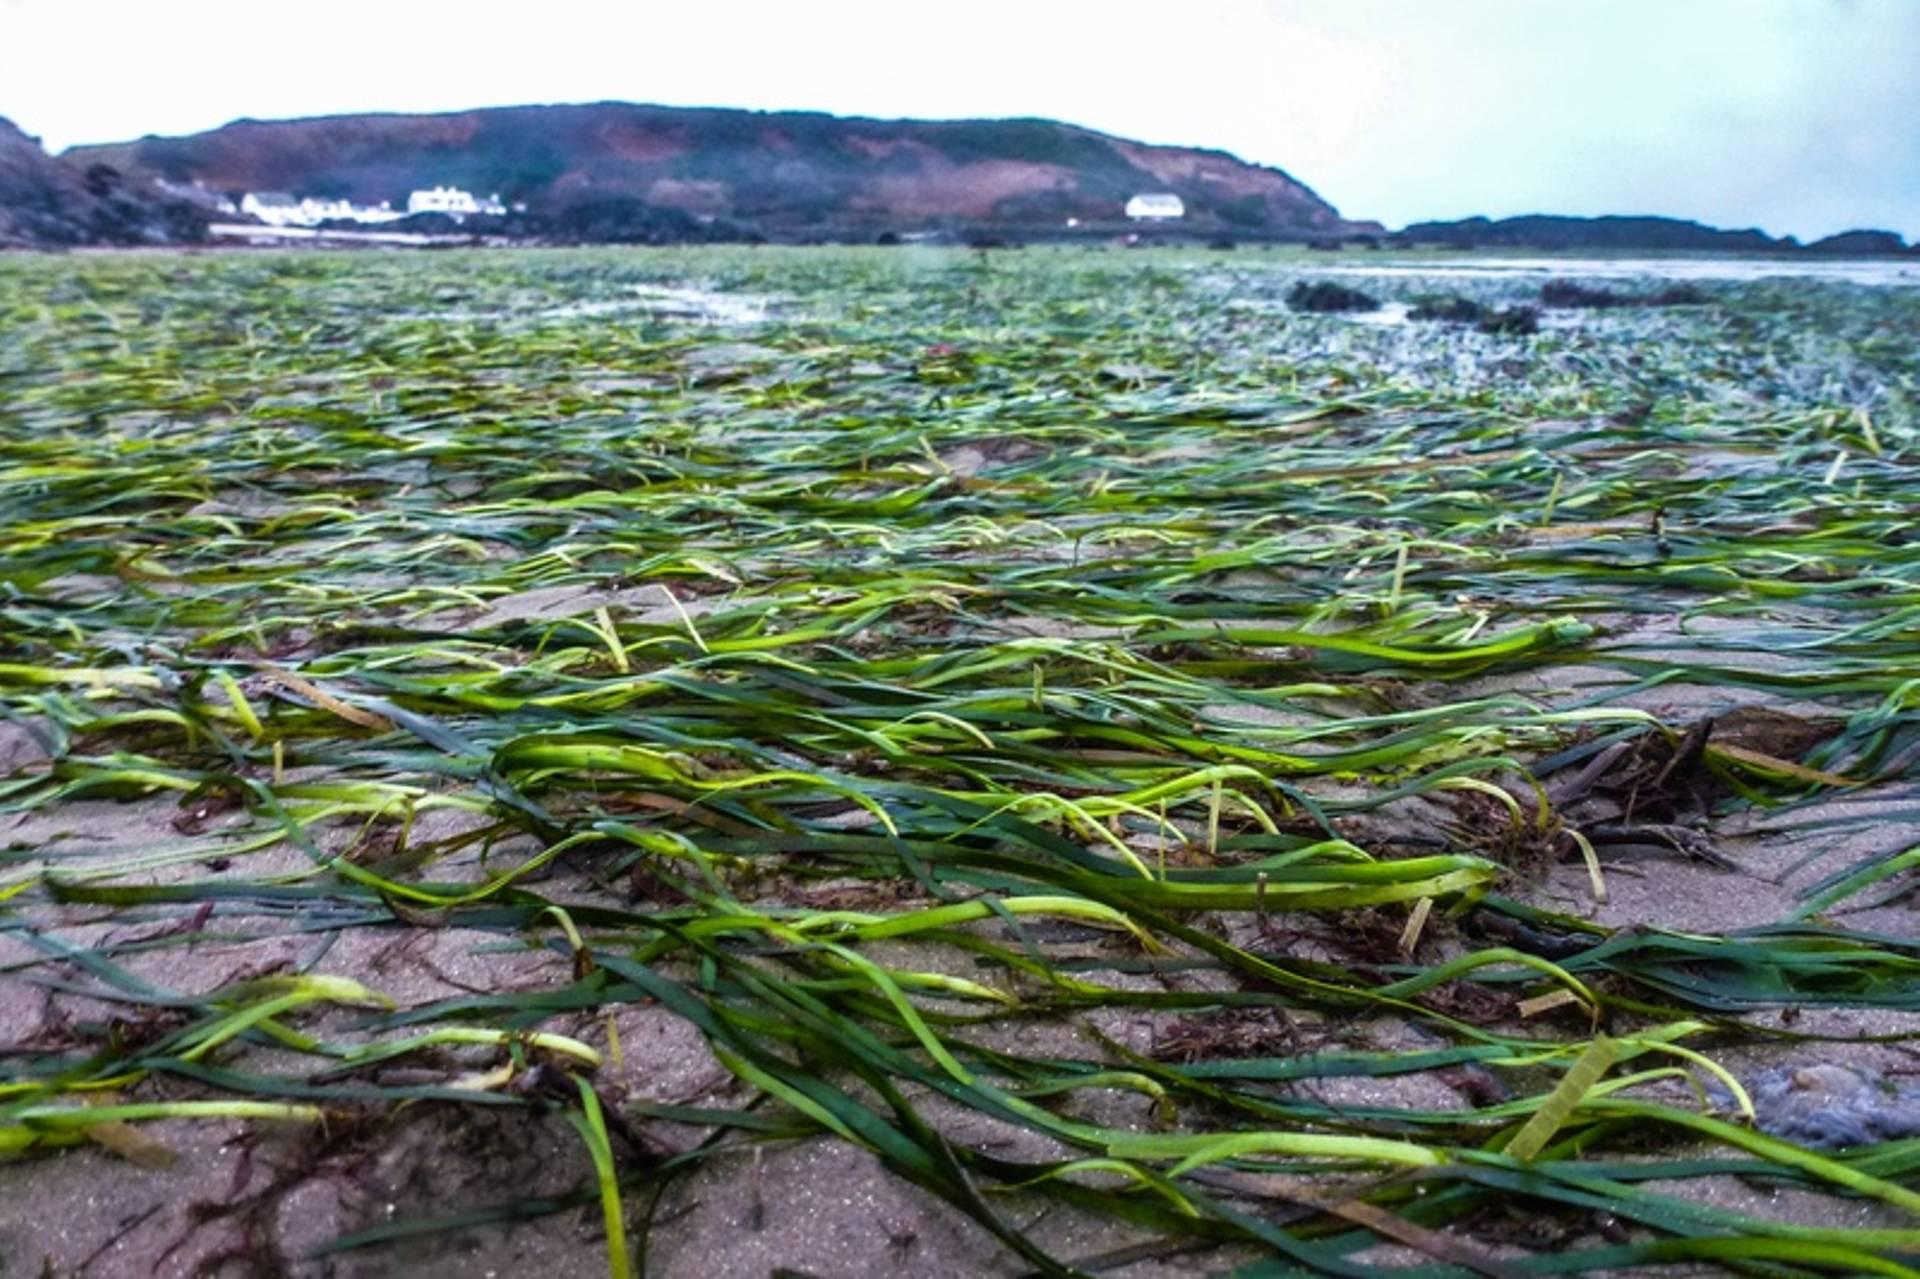 seagrass-2